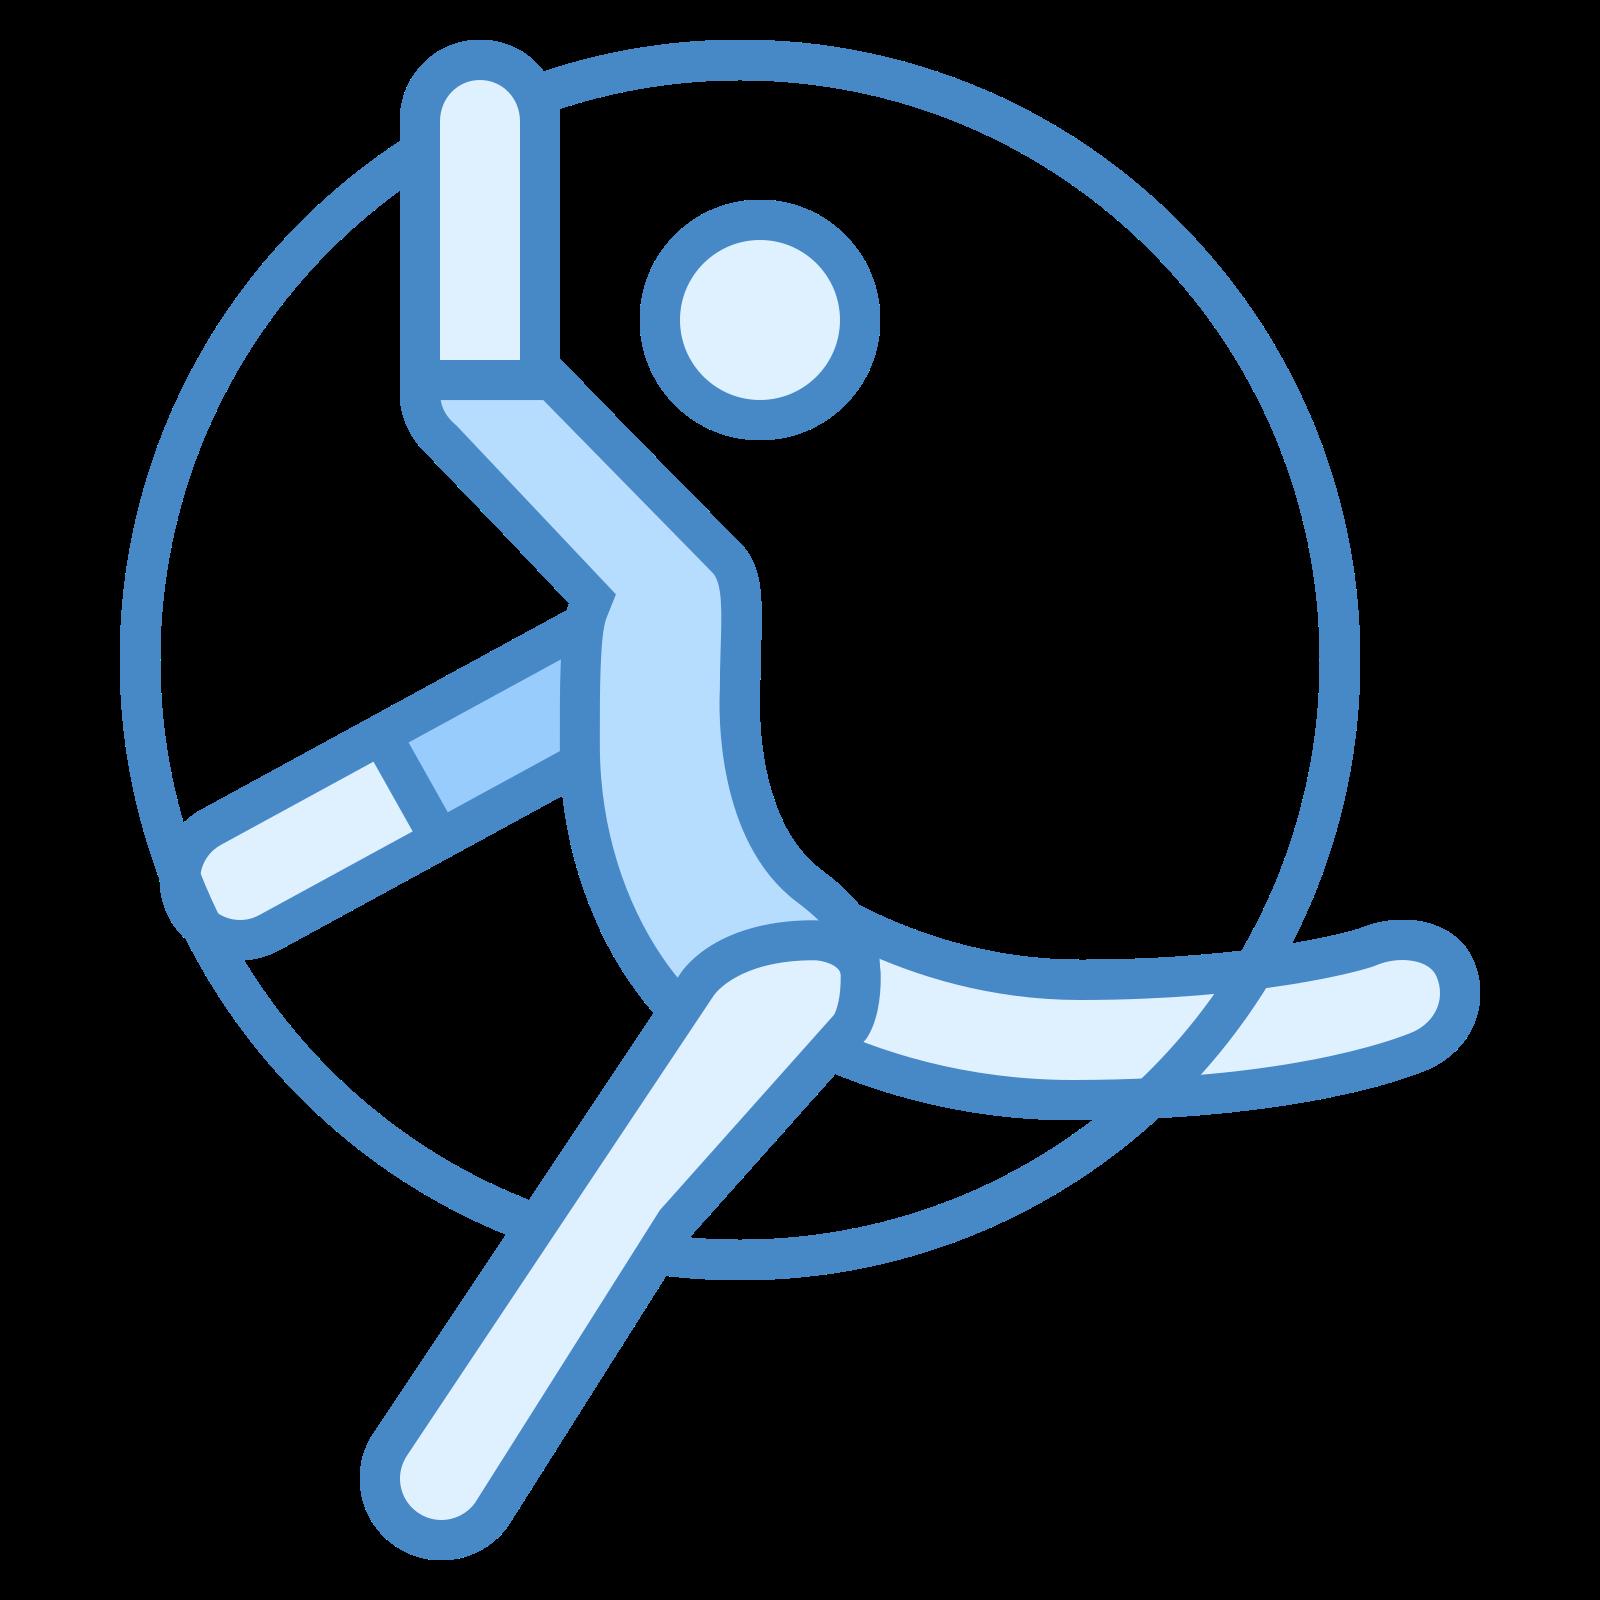 Gimnastyka rytmiczna icon